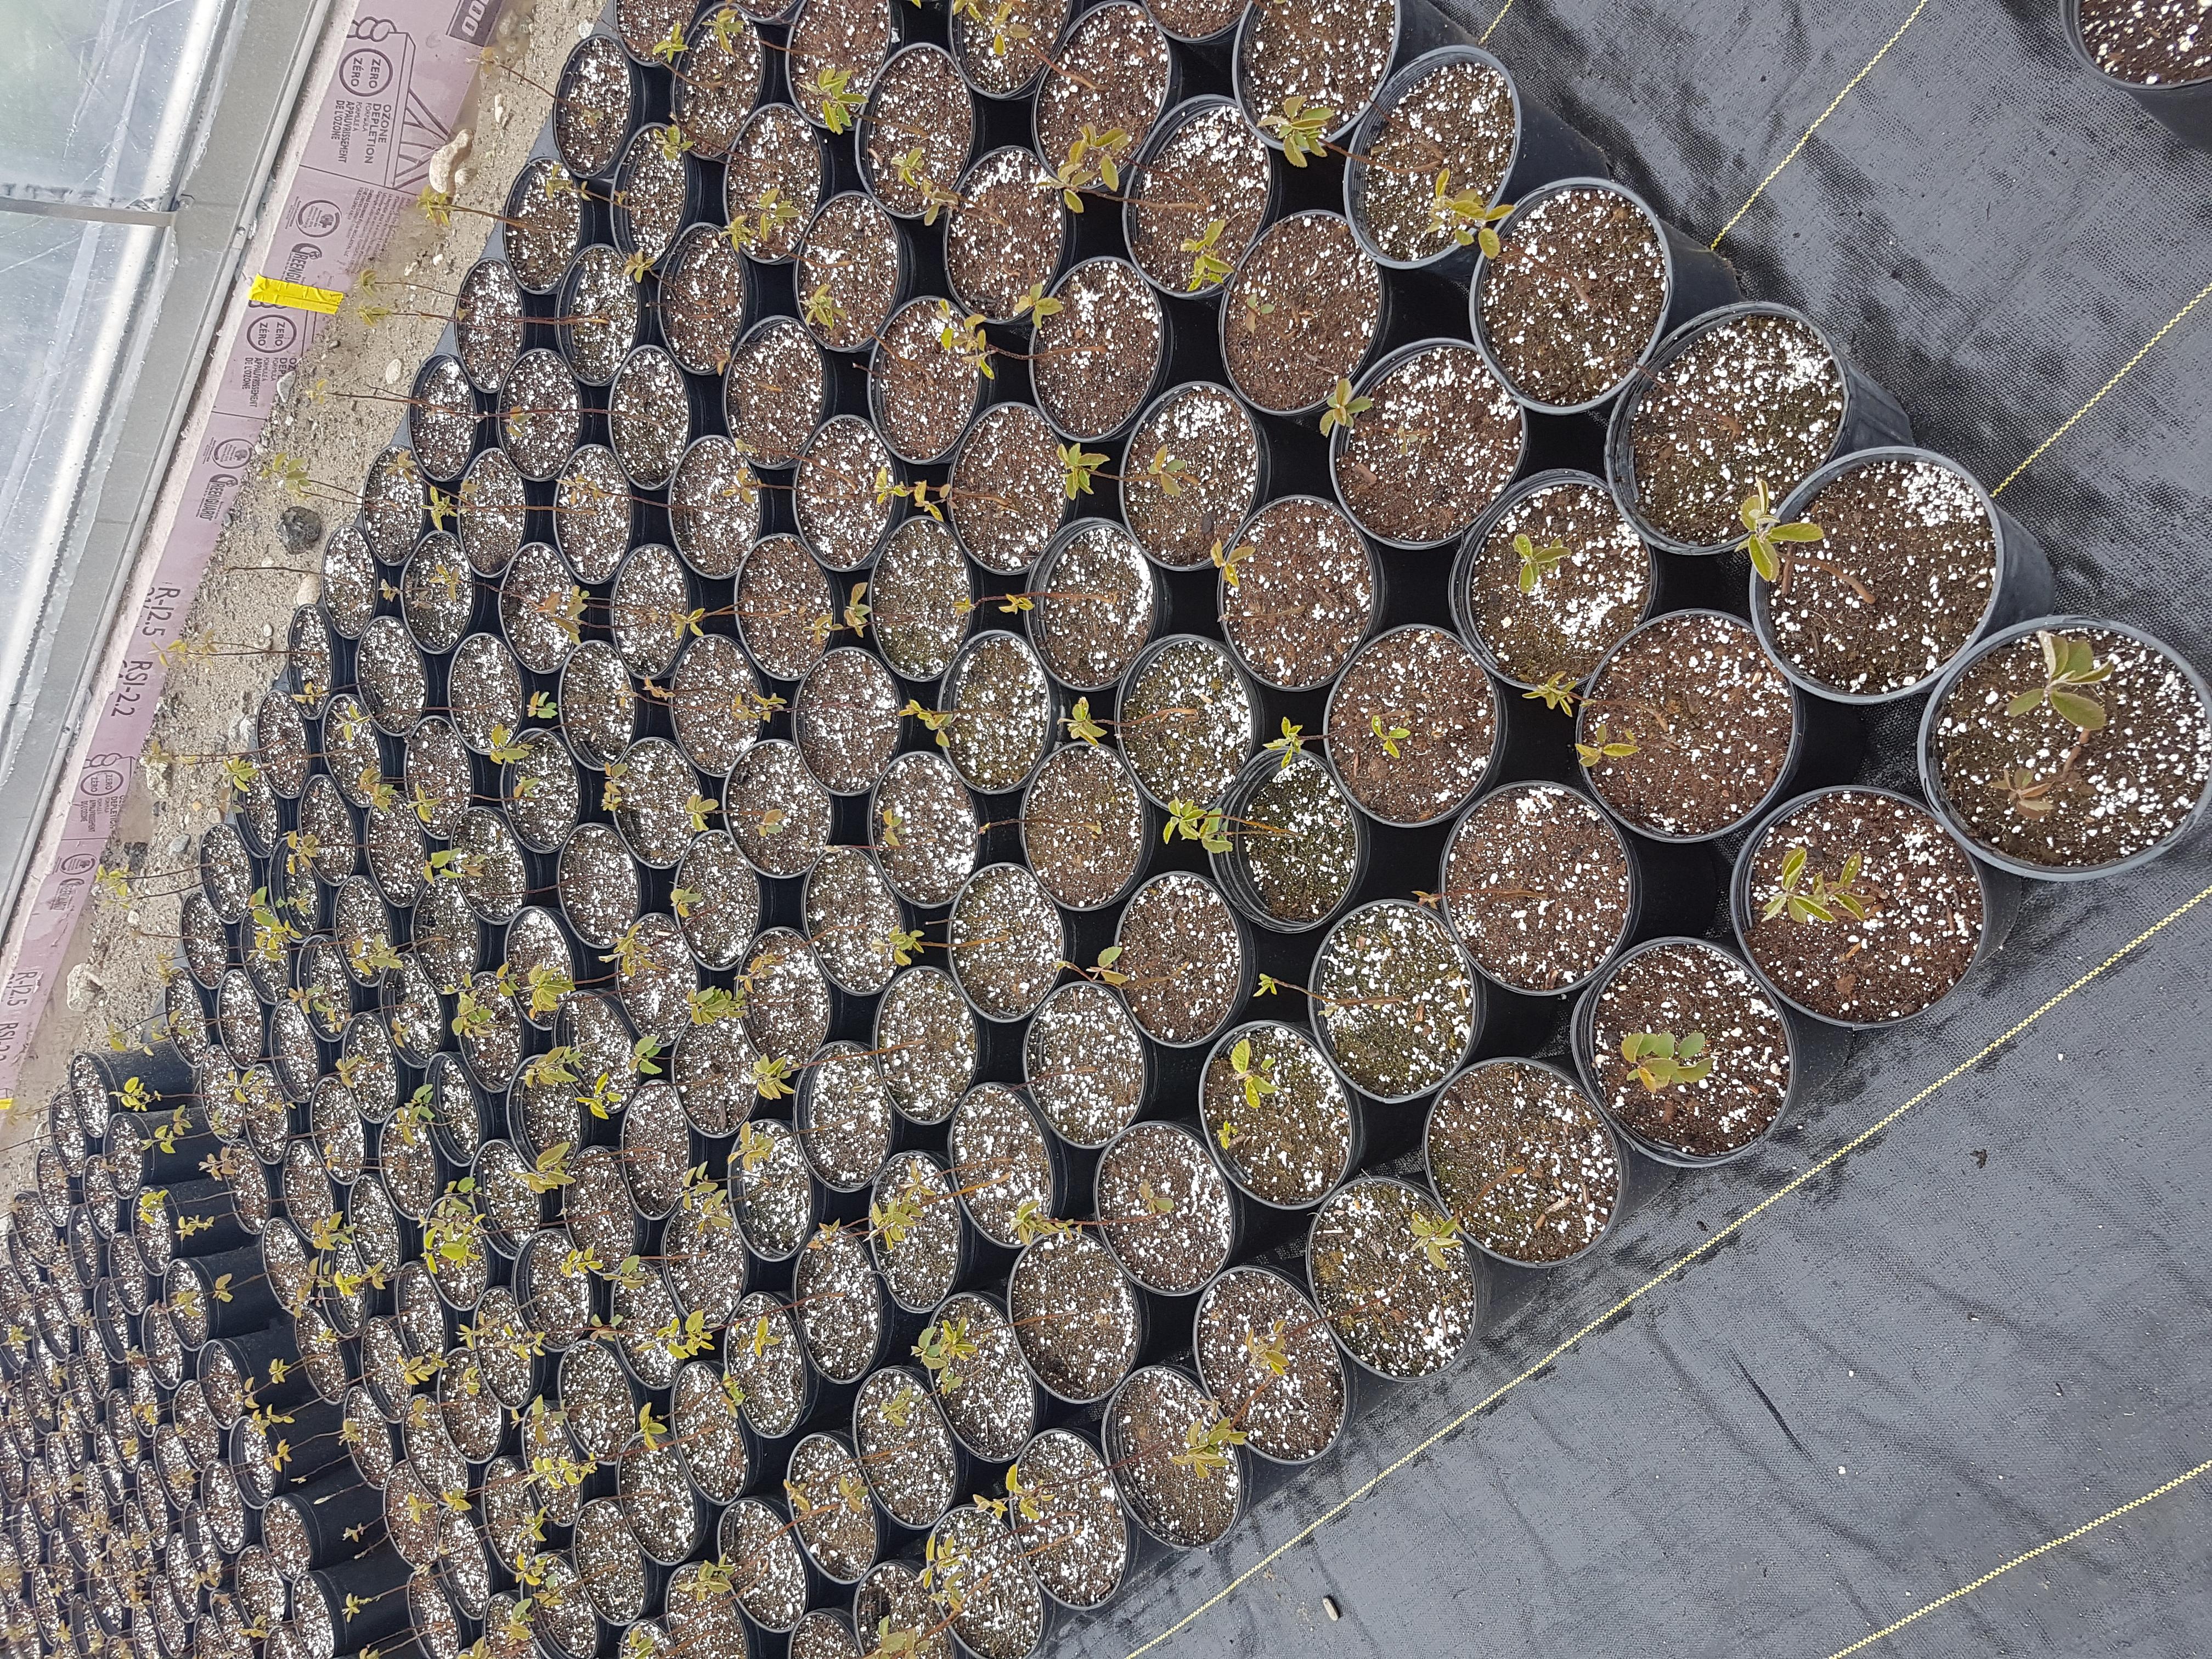 Saskatoon seedlings